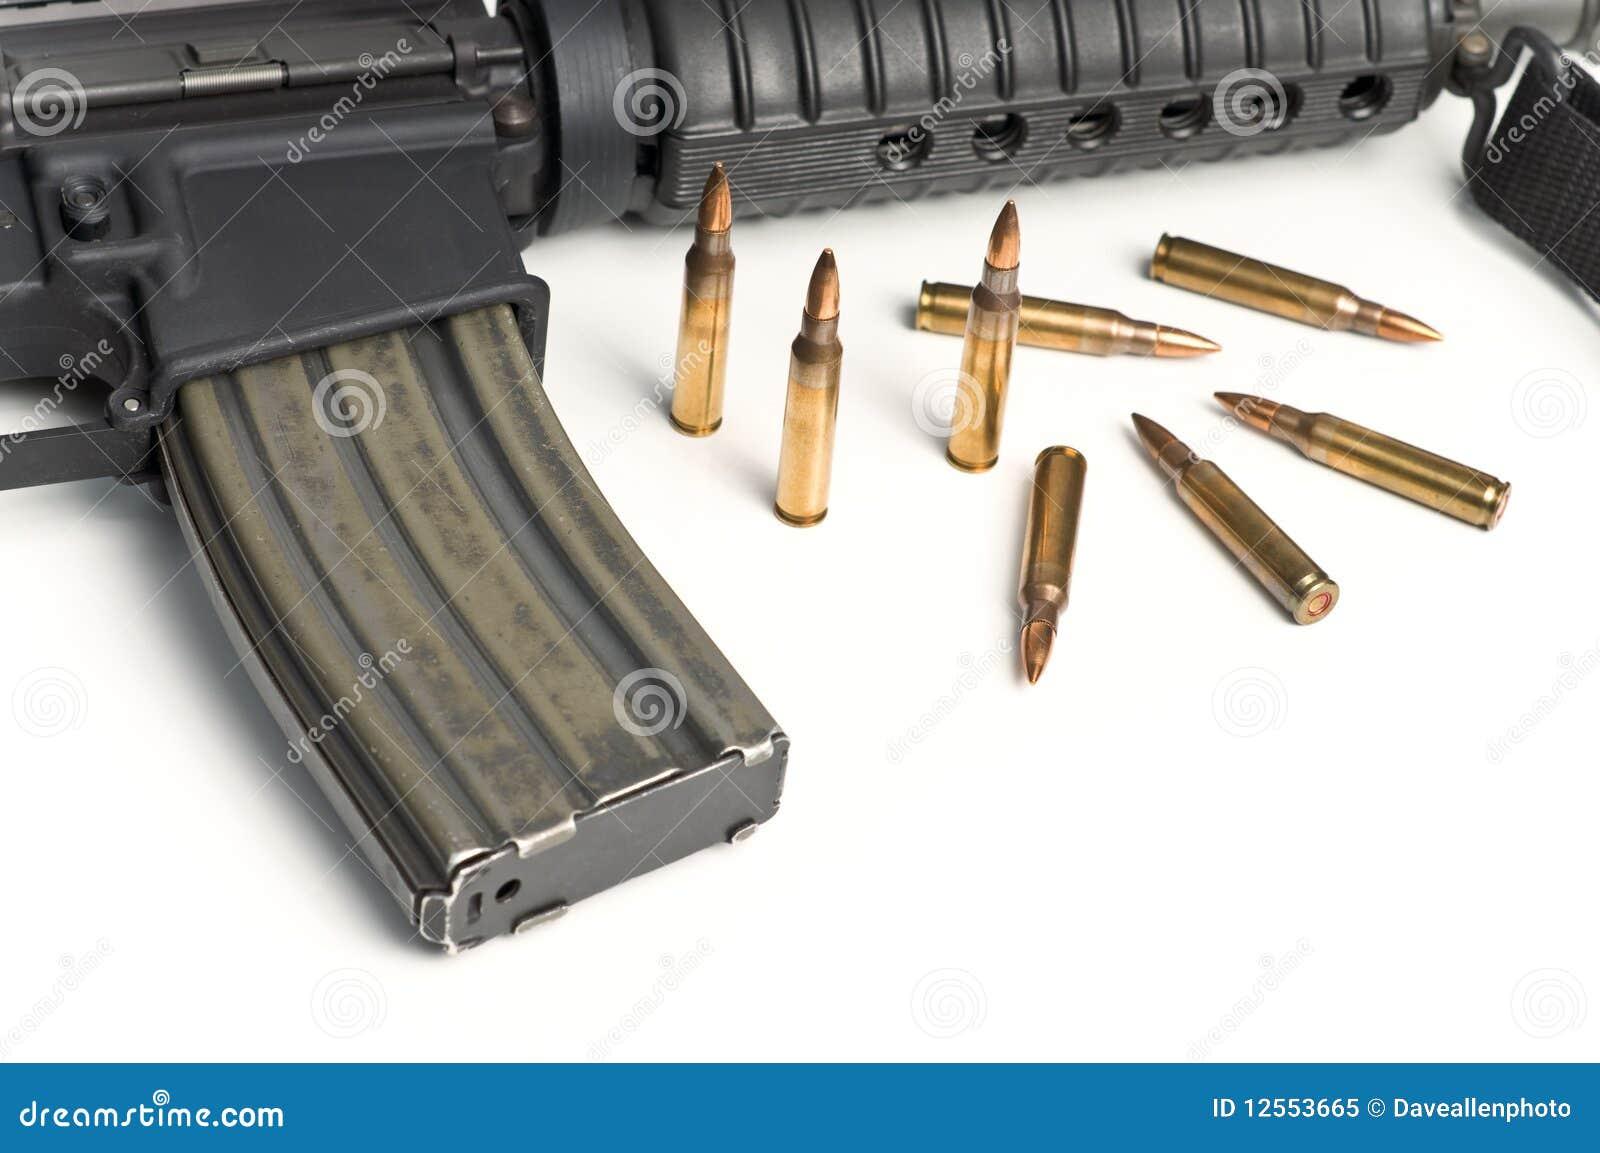 223 kogels met m16 geweer van de aanval van de stijl het vector assault rifle price Vector Assault Rifle Halo